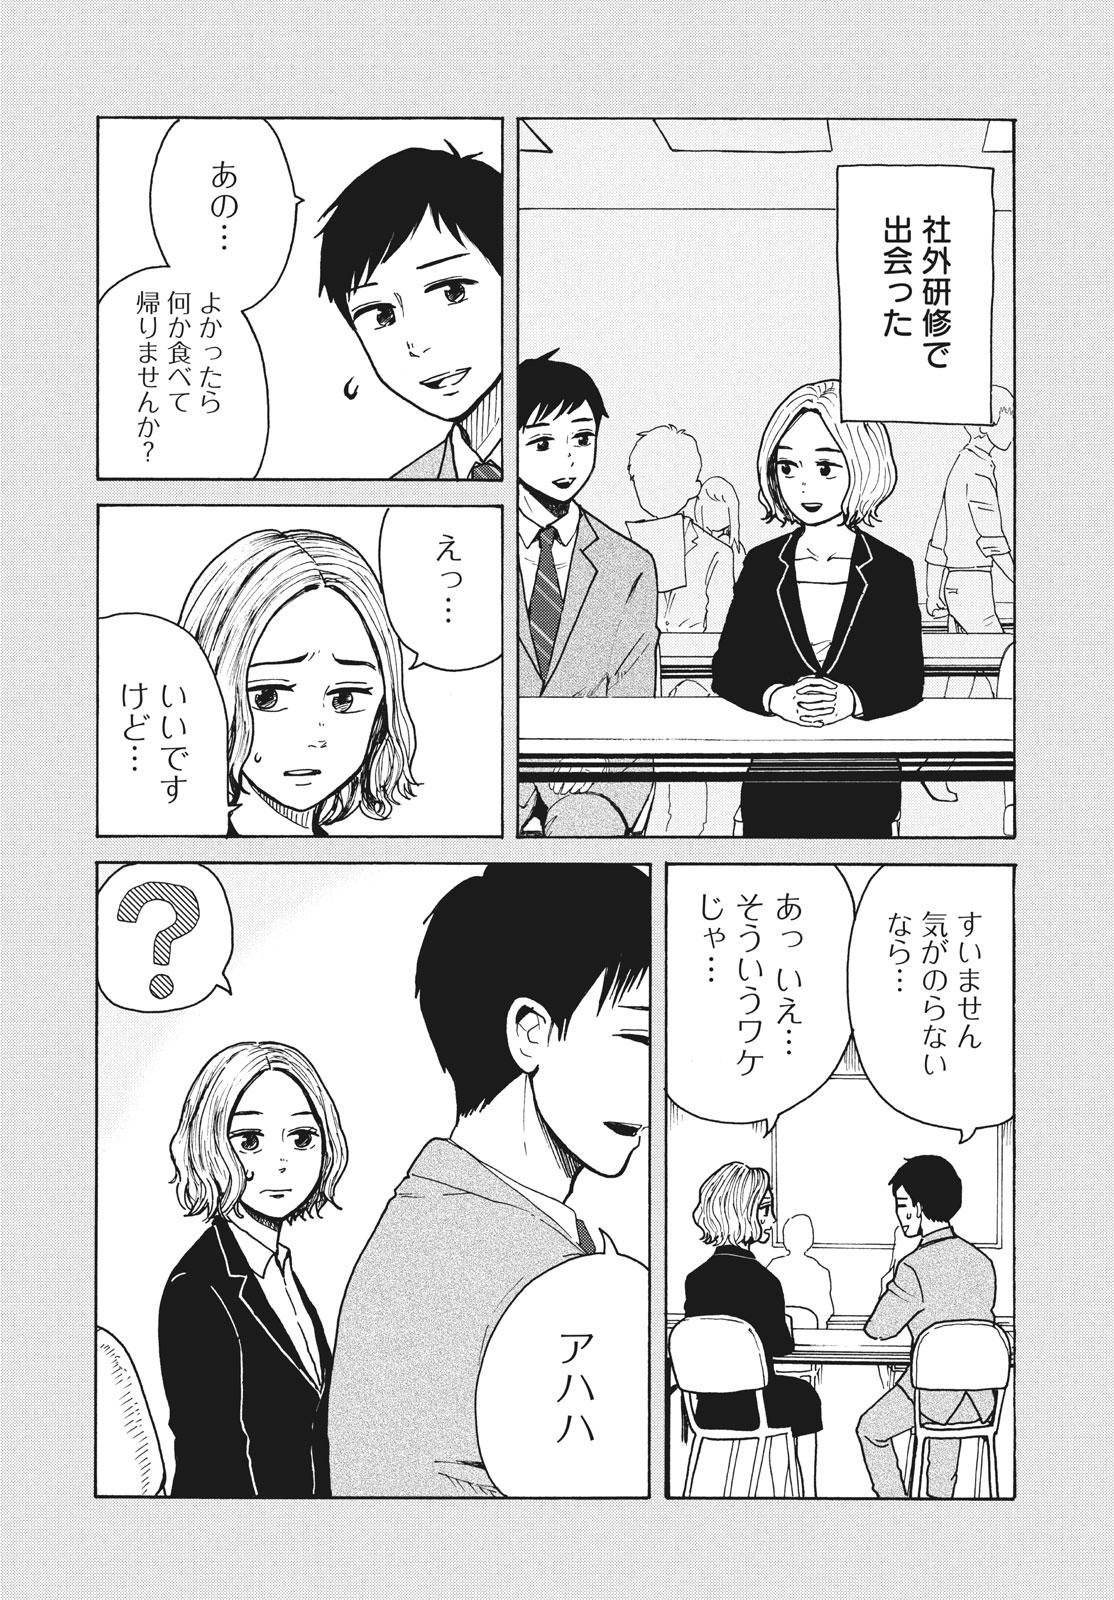 004_30譌・_2019_003_E.jpg